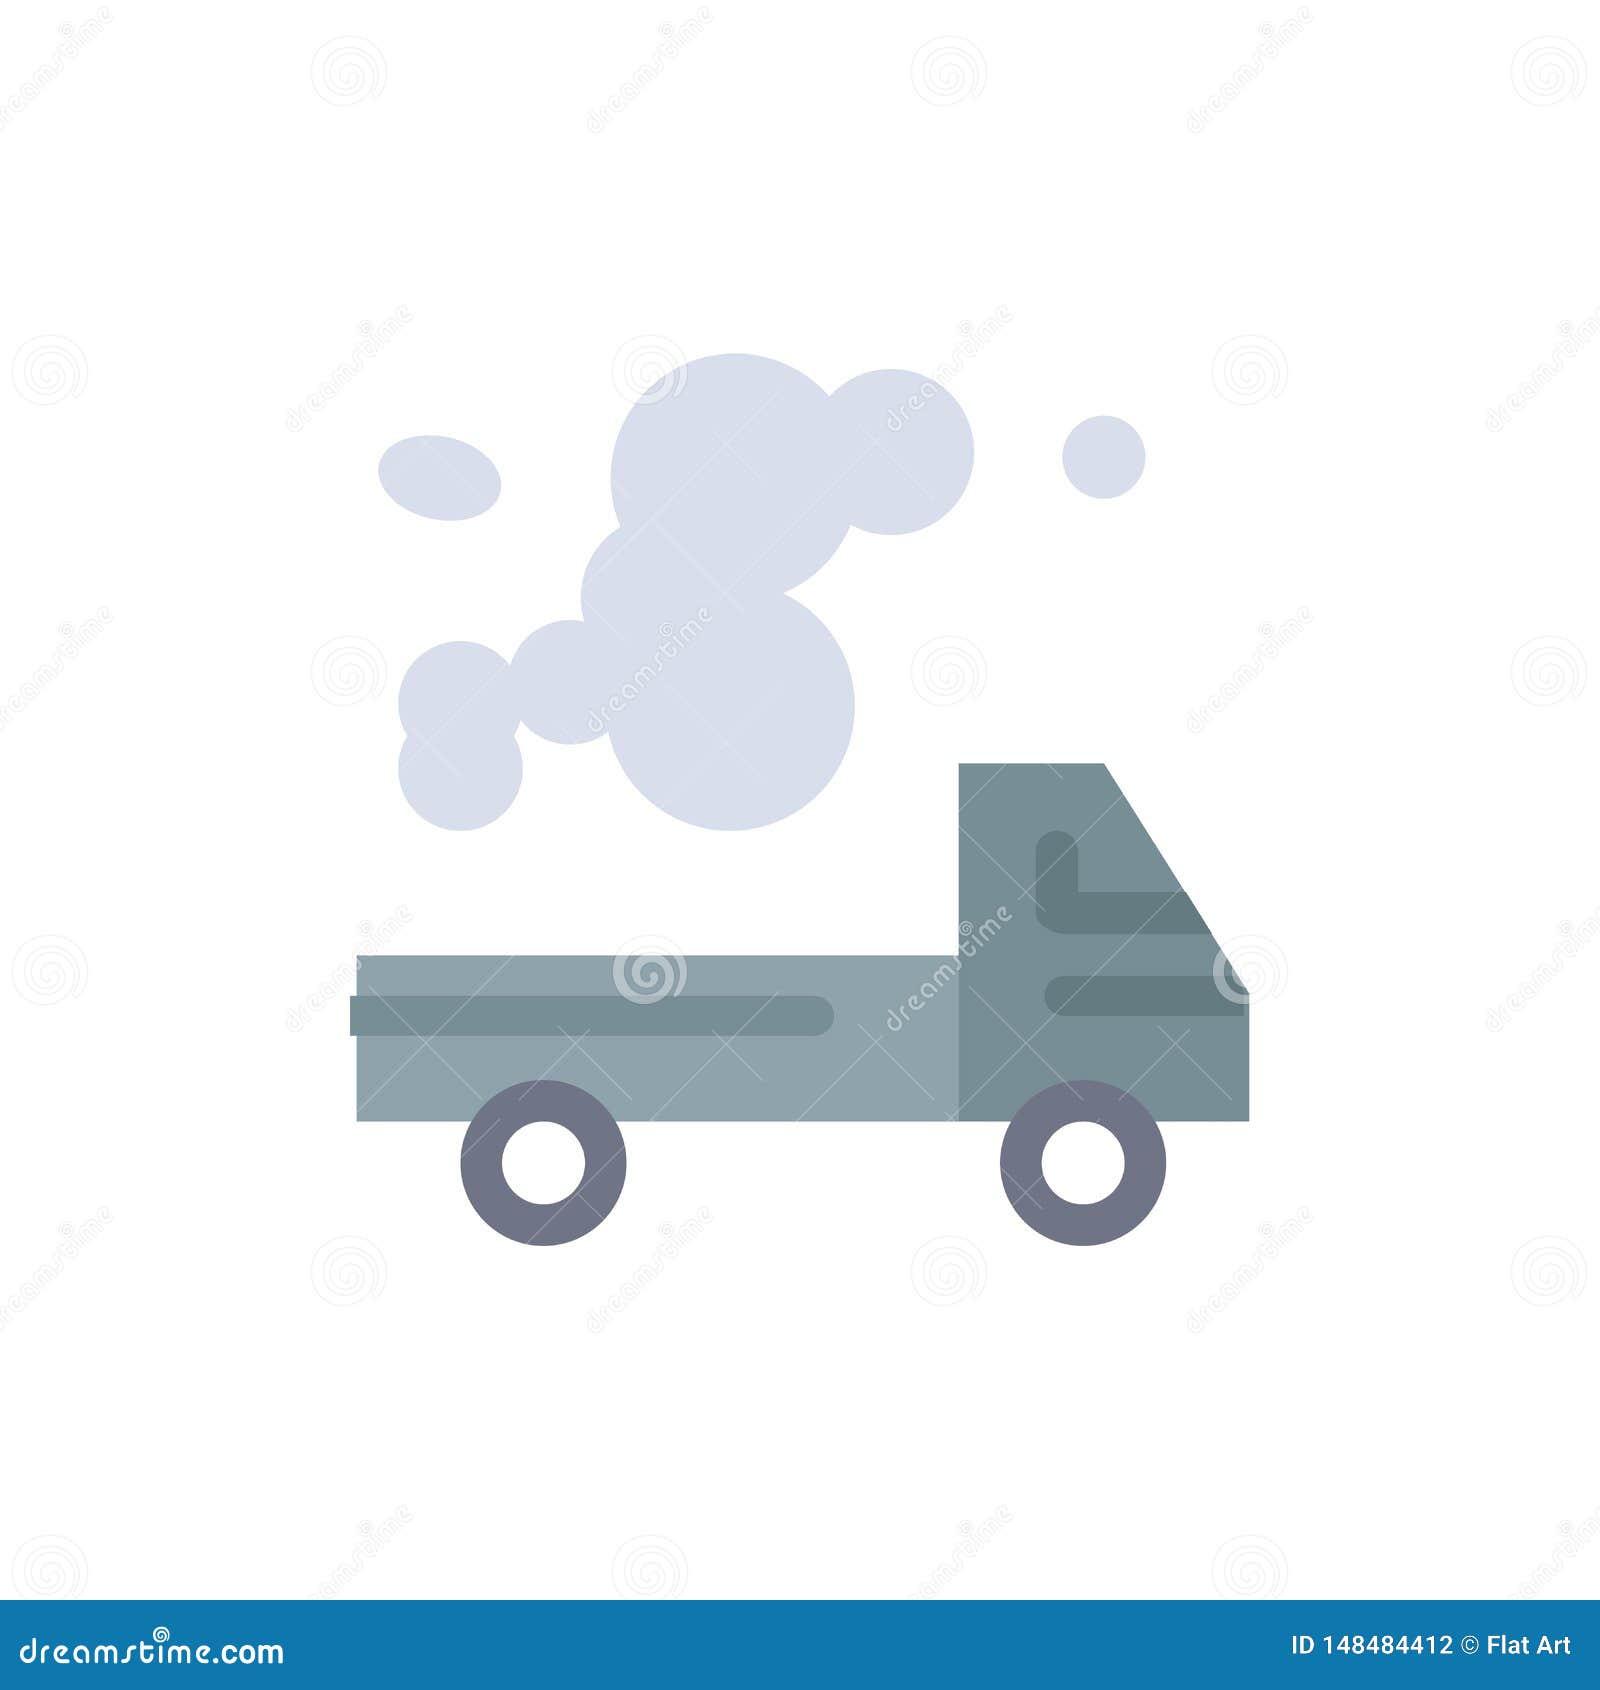 Αυτοκίνητο, φορτηγό, εκπομπή, αέριο, επίπεδο εικονίδιο χρώματος ρύπανσης Διανυσματικό πρότυπο εμβλημάτων εικονιδίων